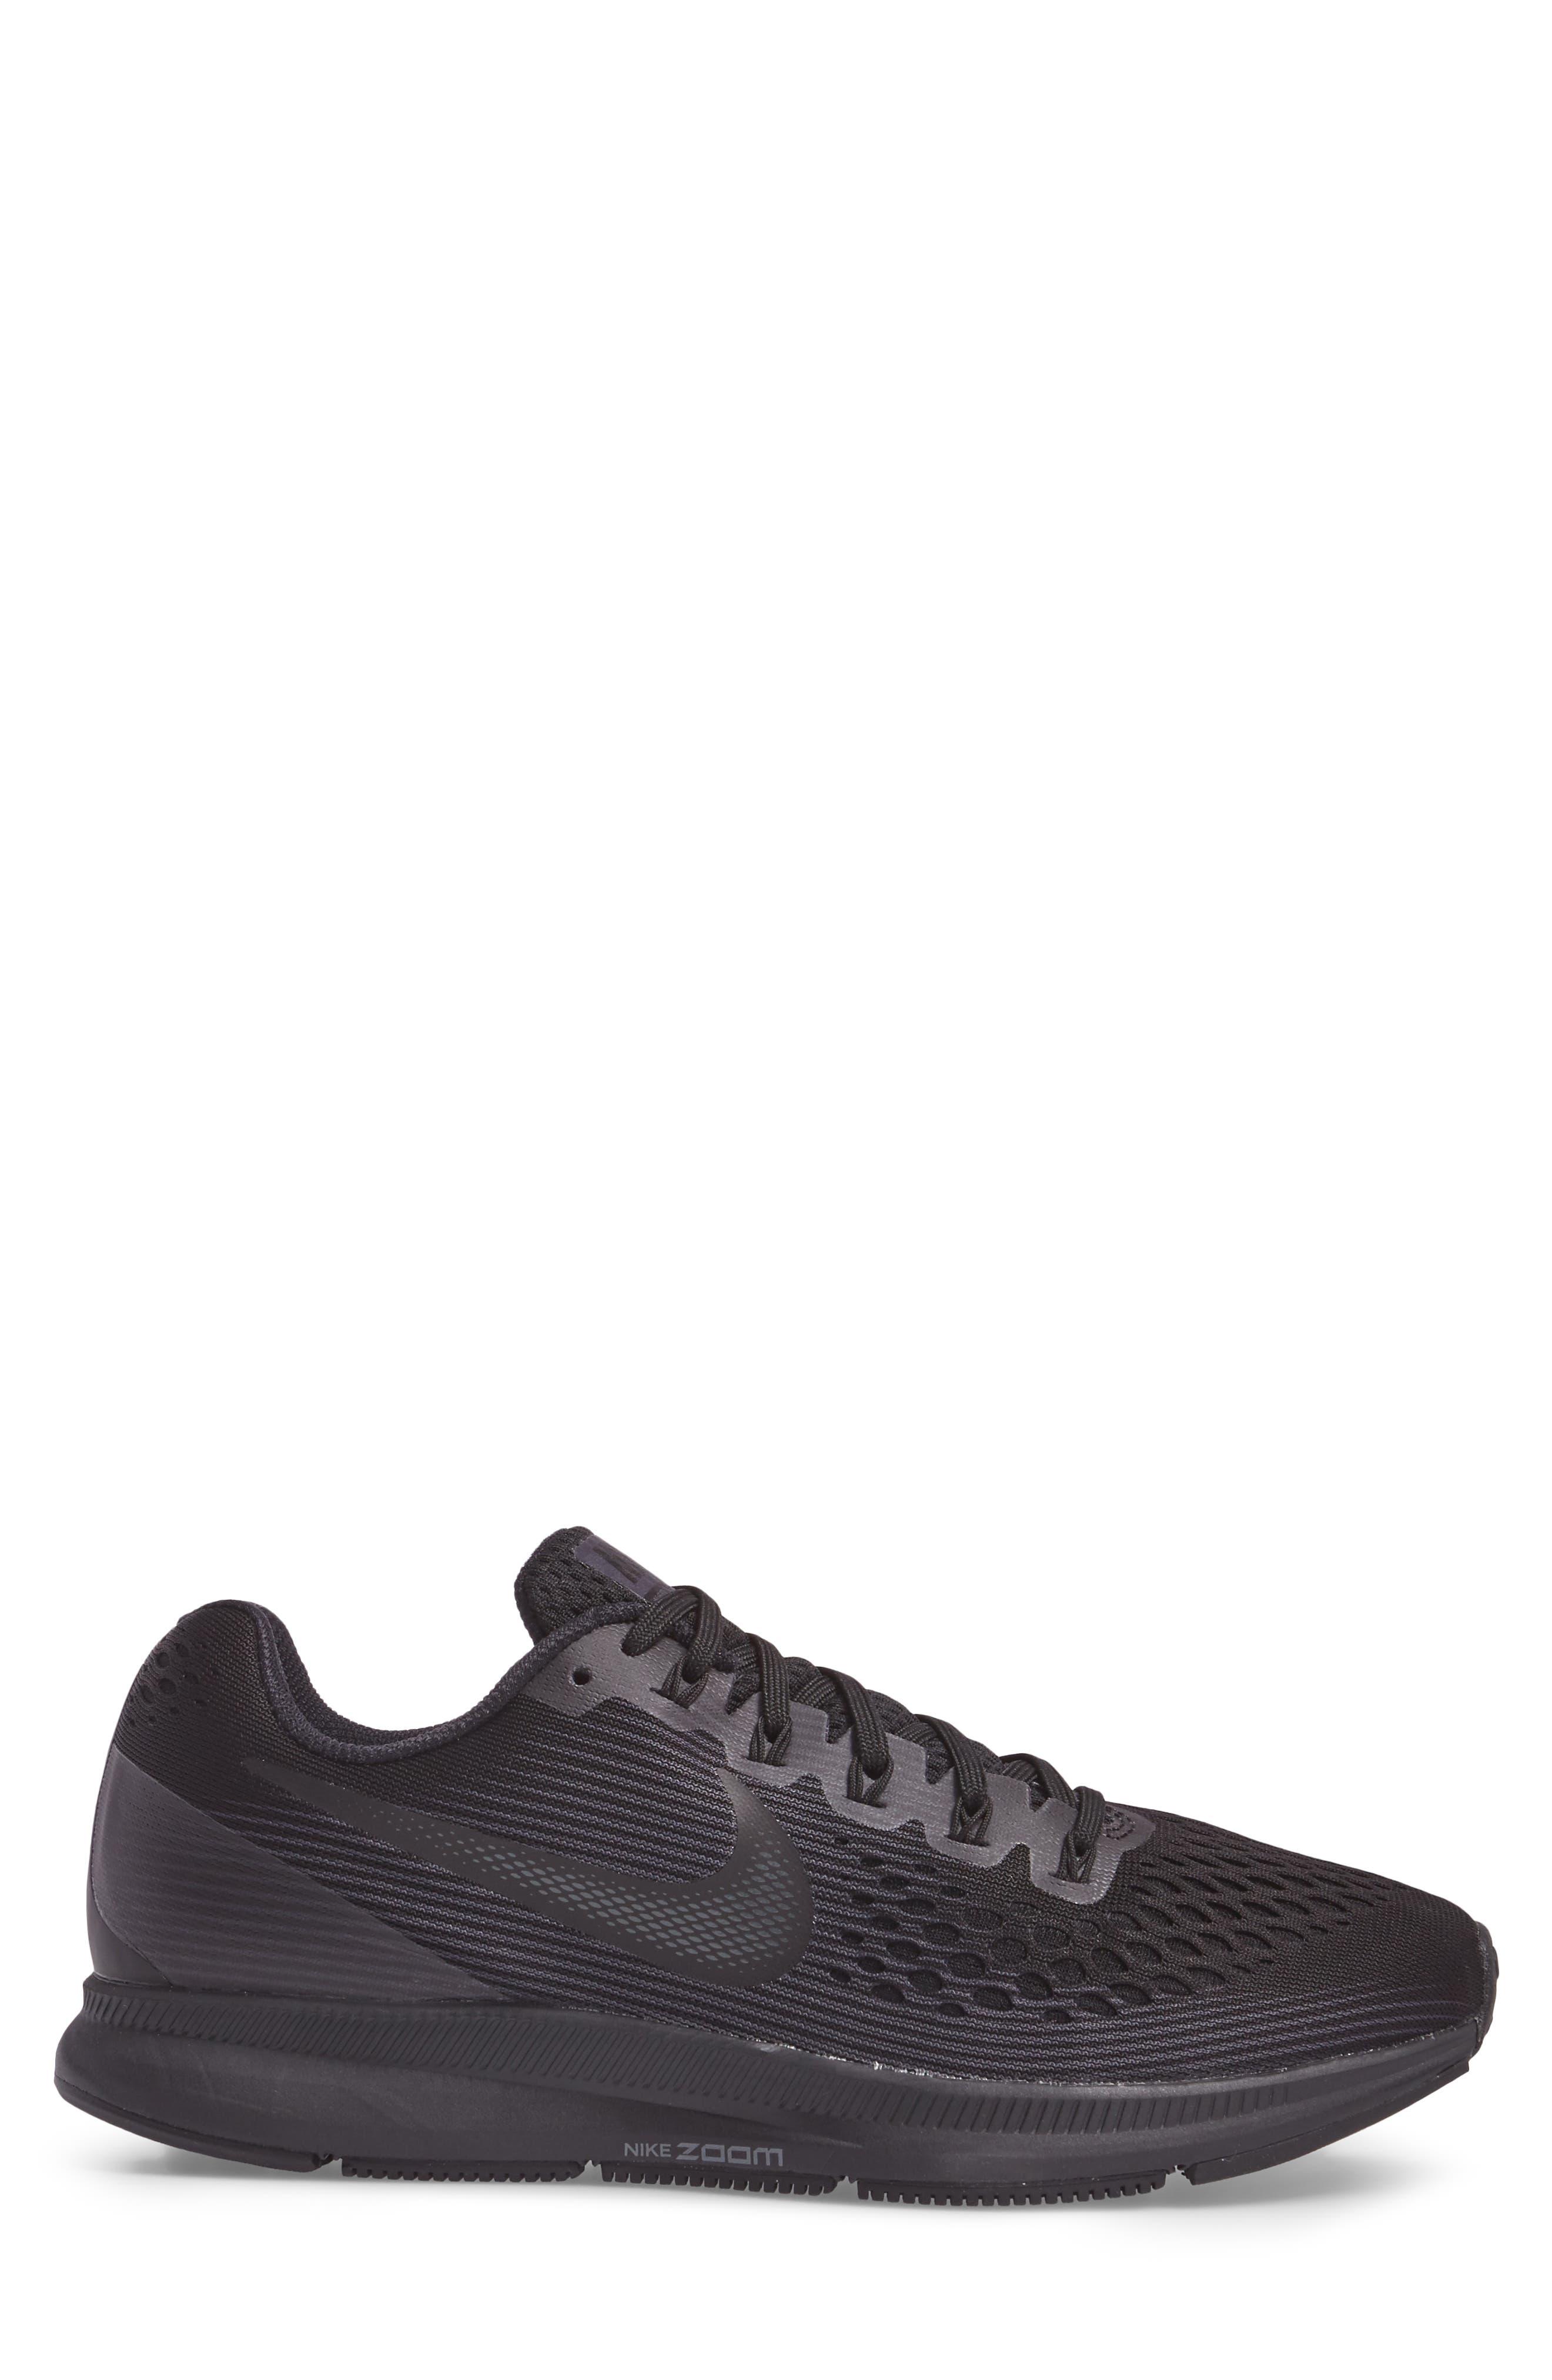 Air Zoom Pegasus 34 Sneaker,                             Alternate thumbnail 29, color,